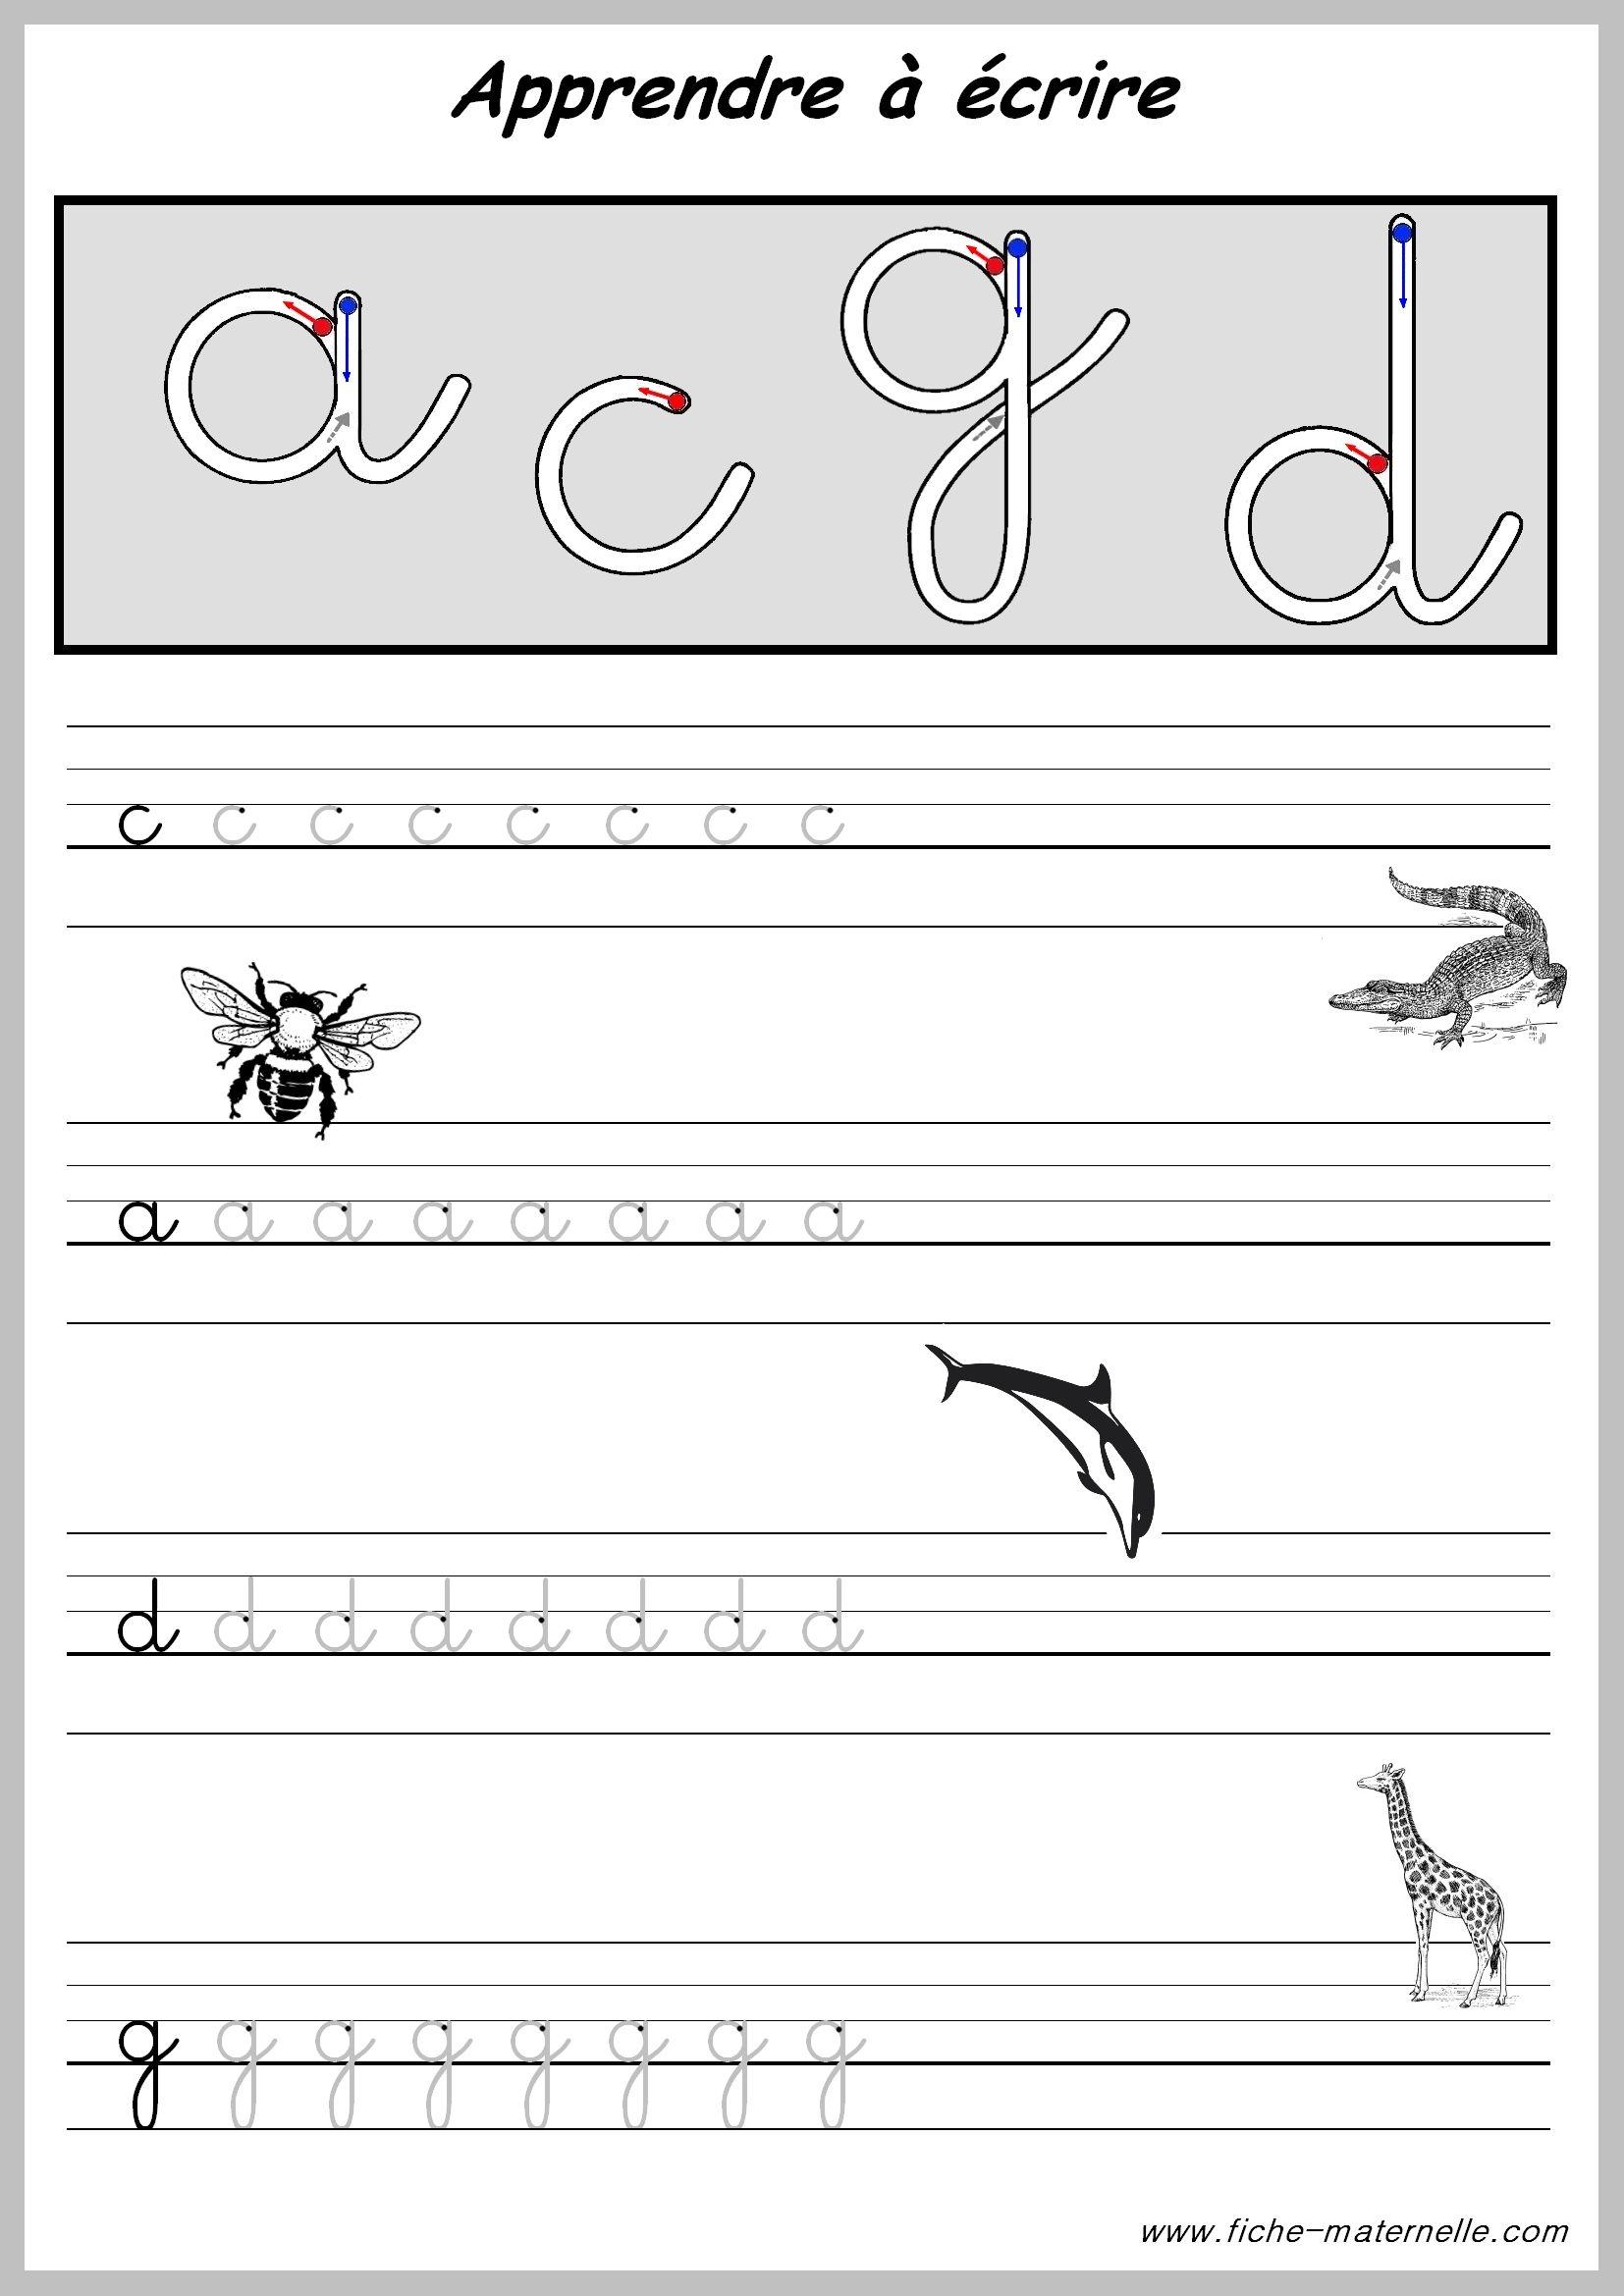 Exercices pour apprendre a ecrire l 39 cole pinterest pour apprendre crire et exercices - Apprendre a broder des lettres ...